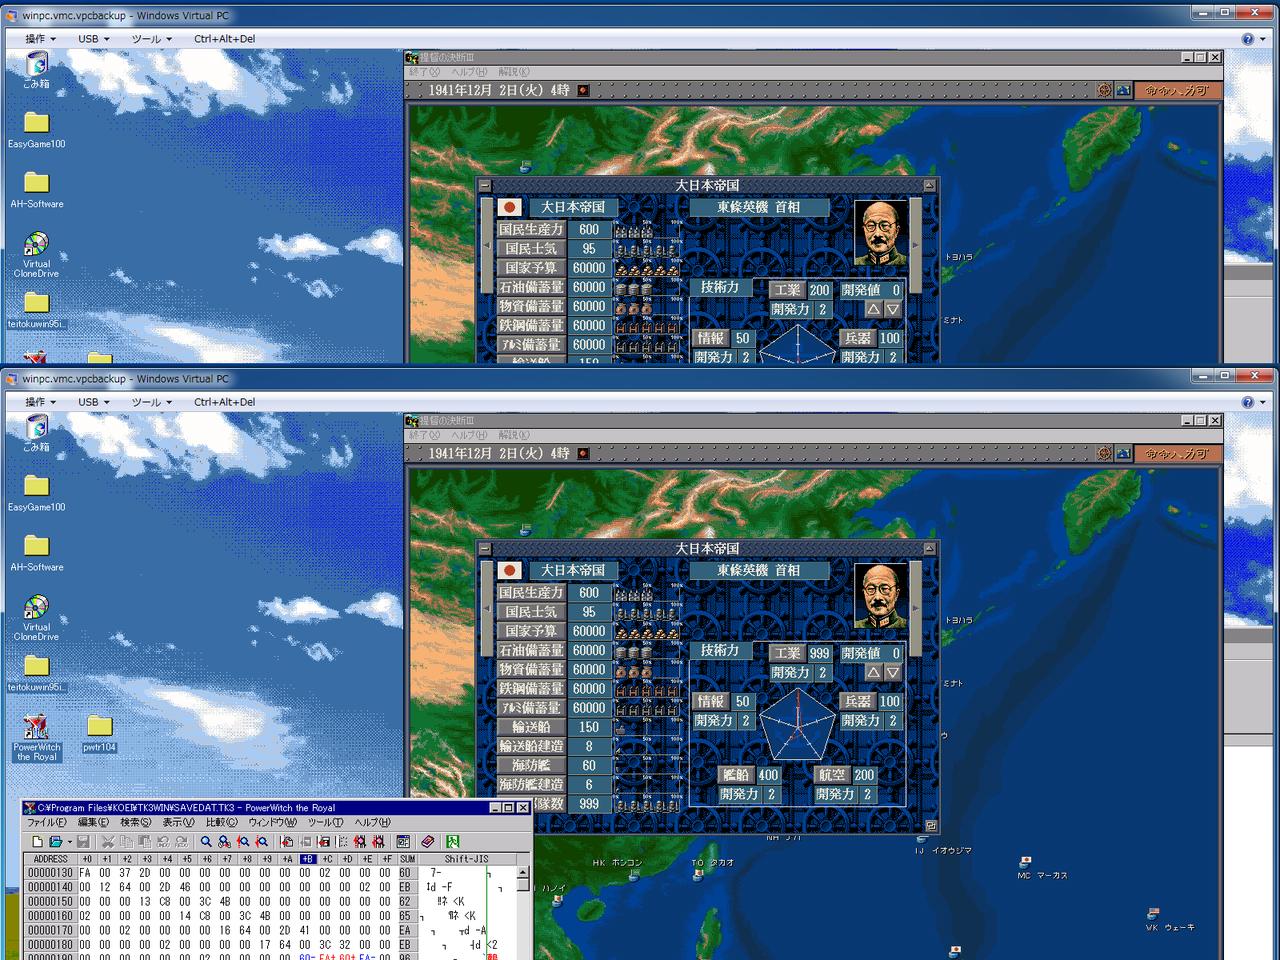 四畳半戦記:提督の決断3 WIN95 -...